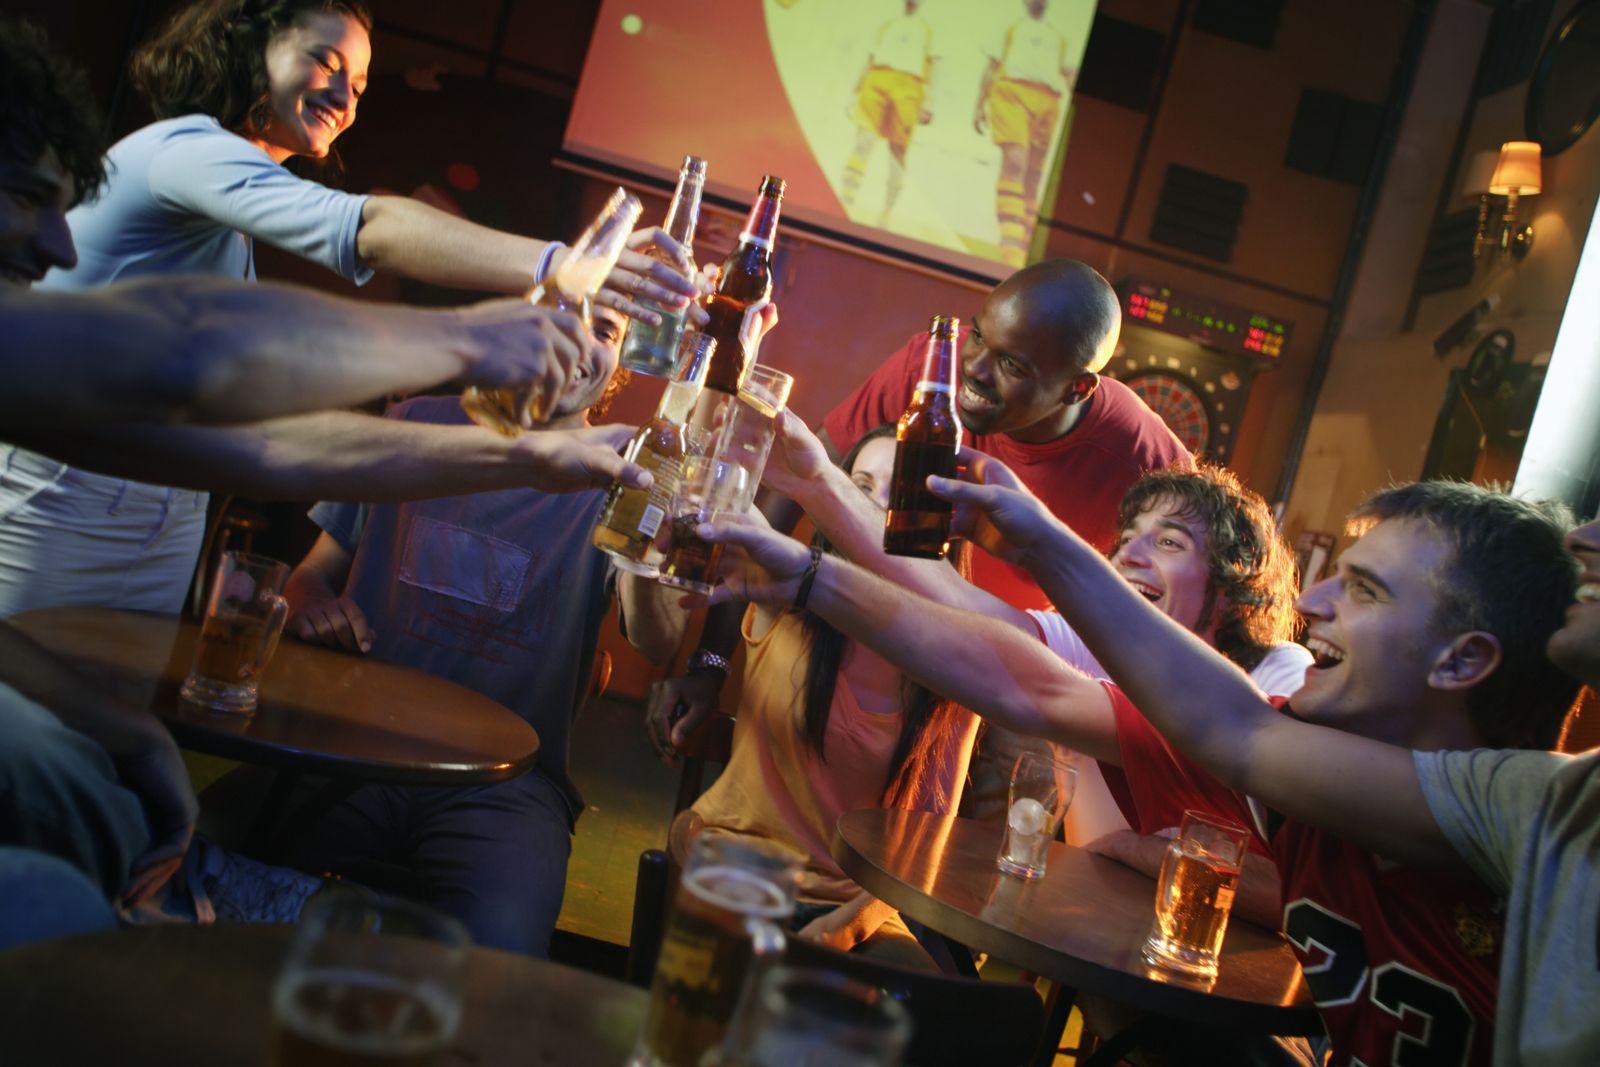 NICHT MEHR VERWENDEN! - KaSP Kneipe Bier anstoßen SYMBOLBILD